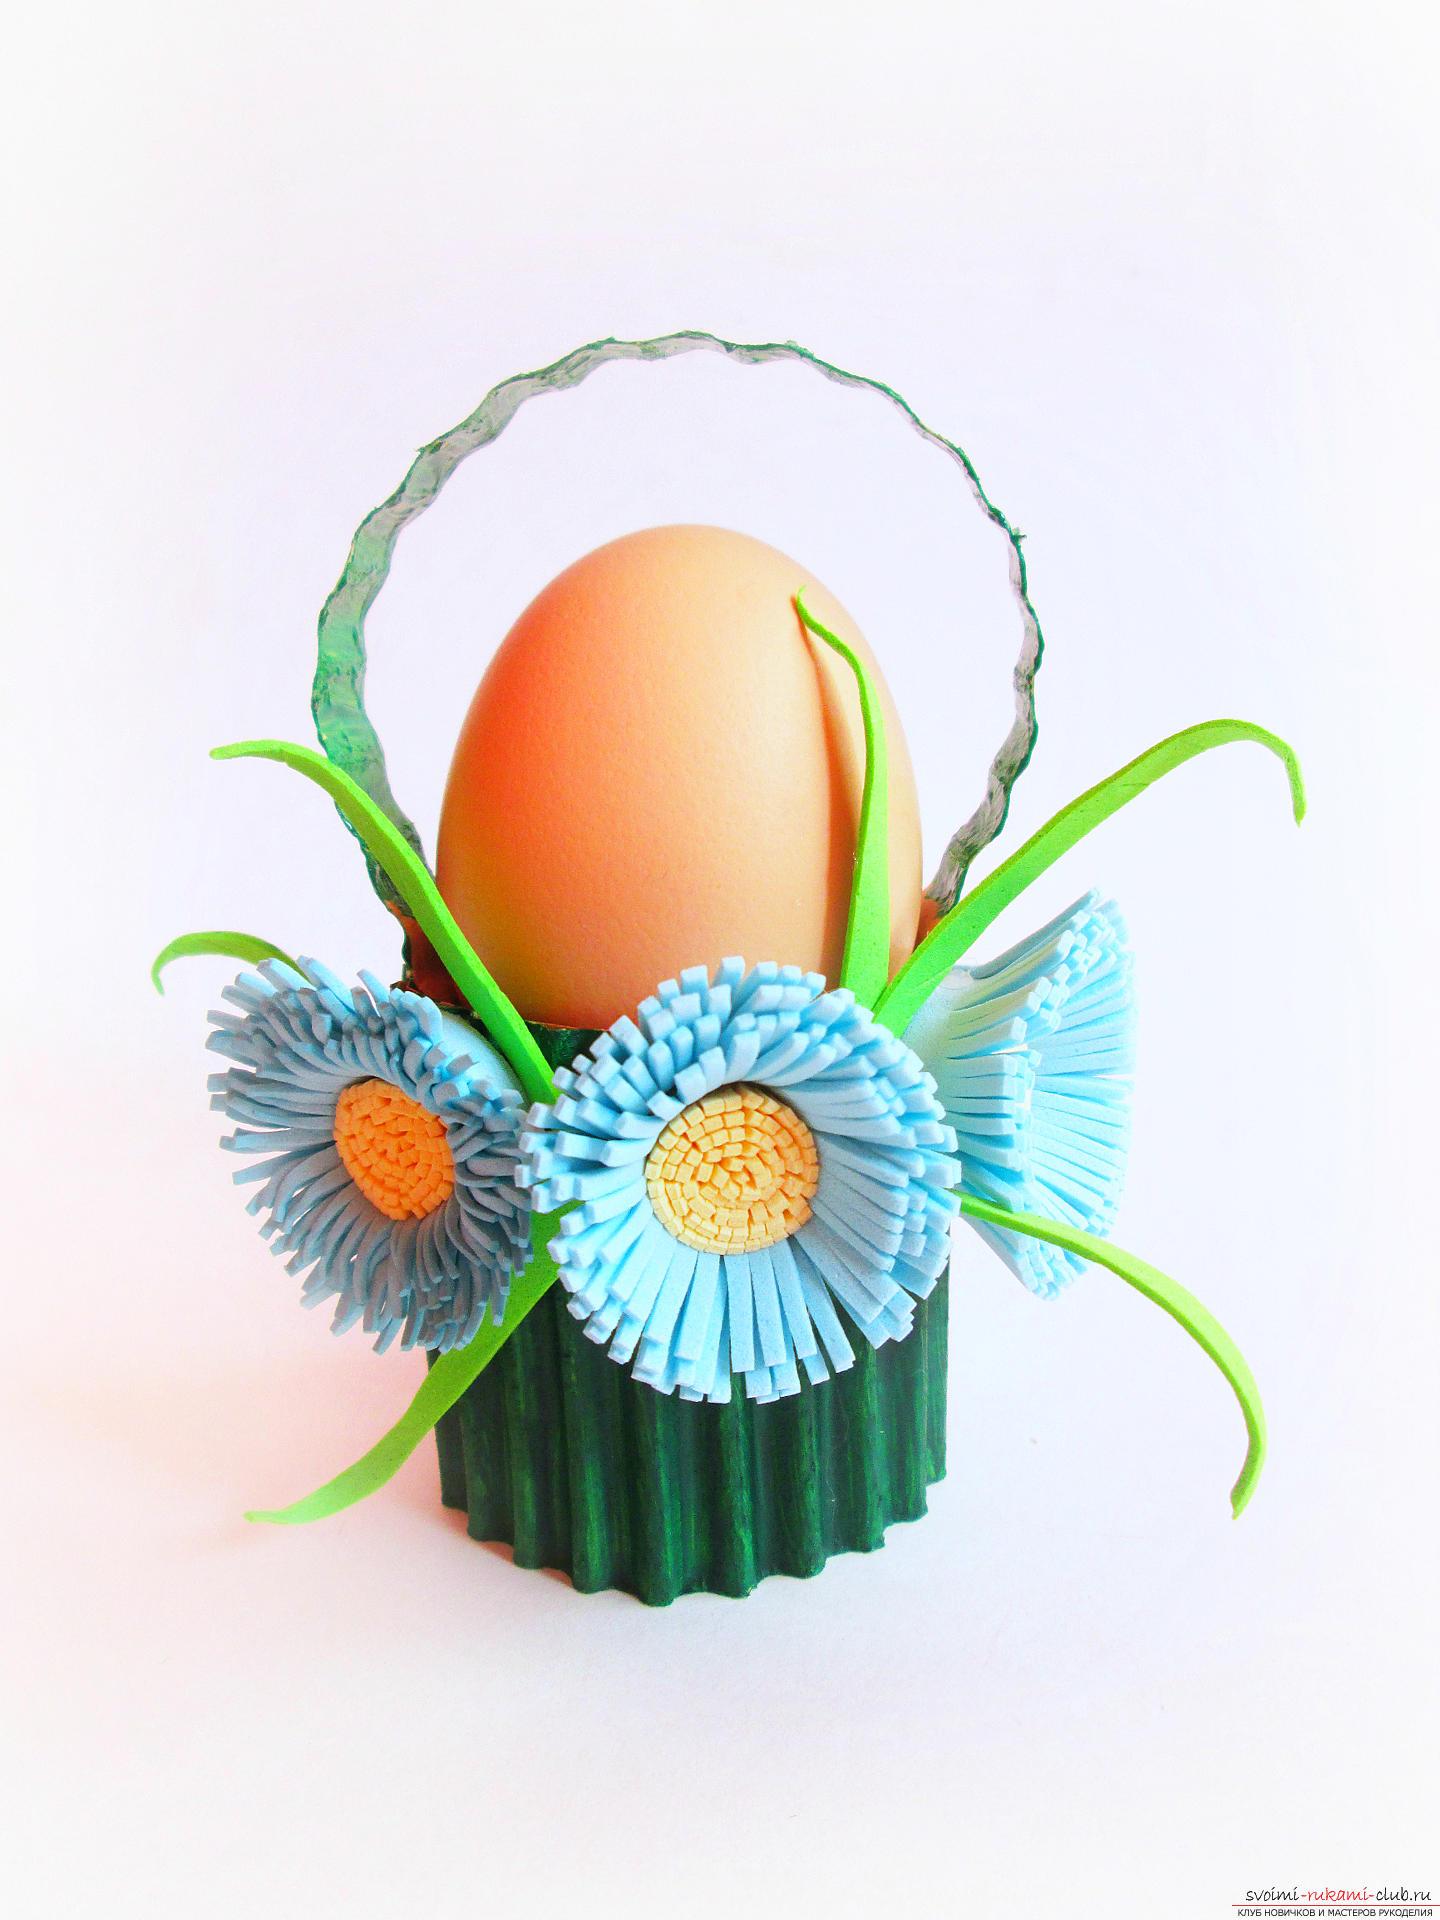 Новые подставки и корзинки для яиц, вязаные крючком — коробочка идей и мастер-классов